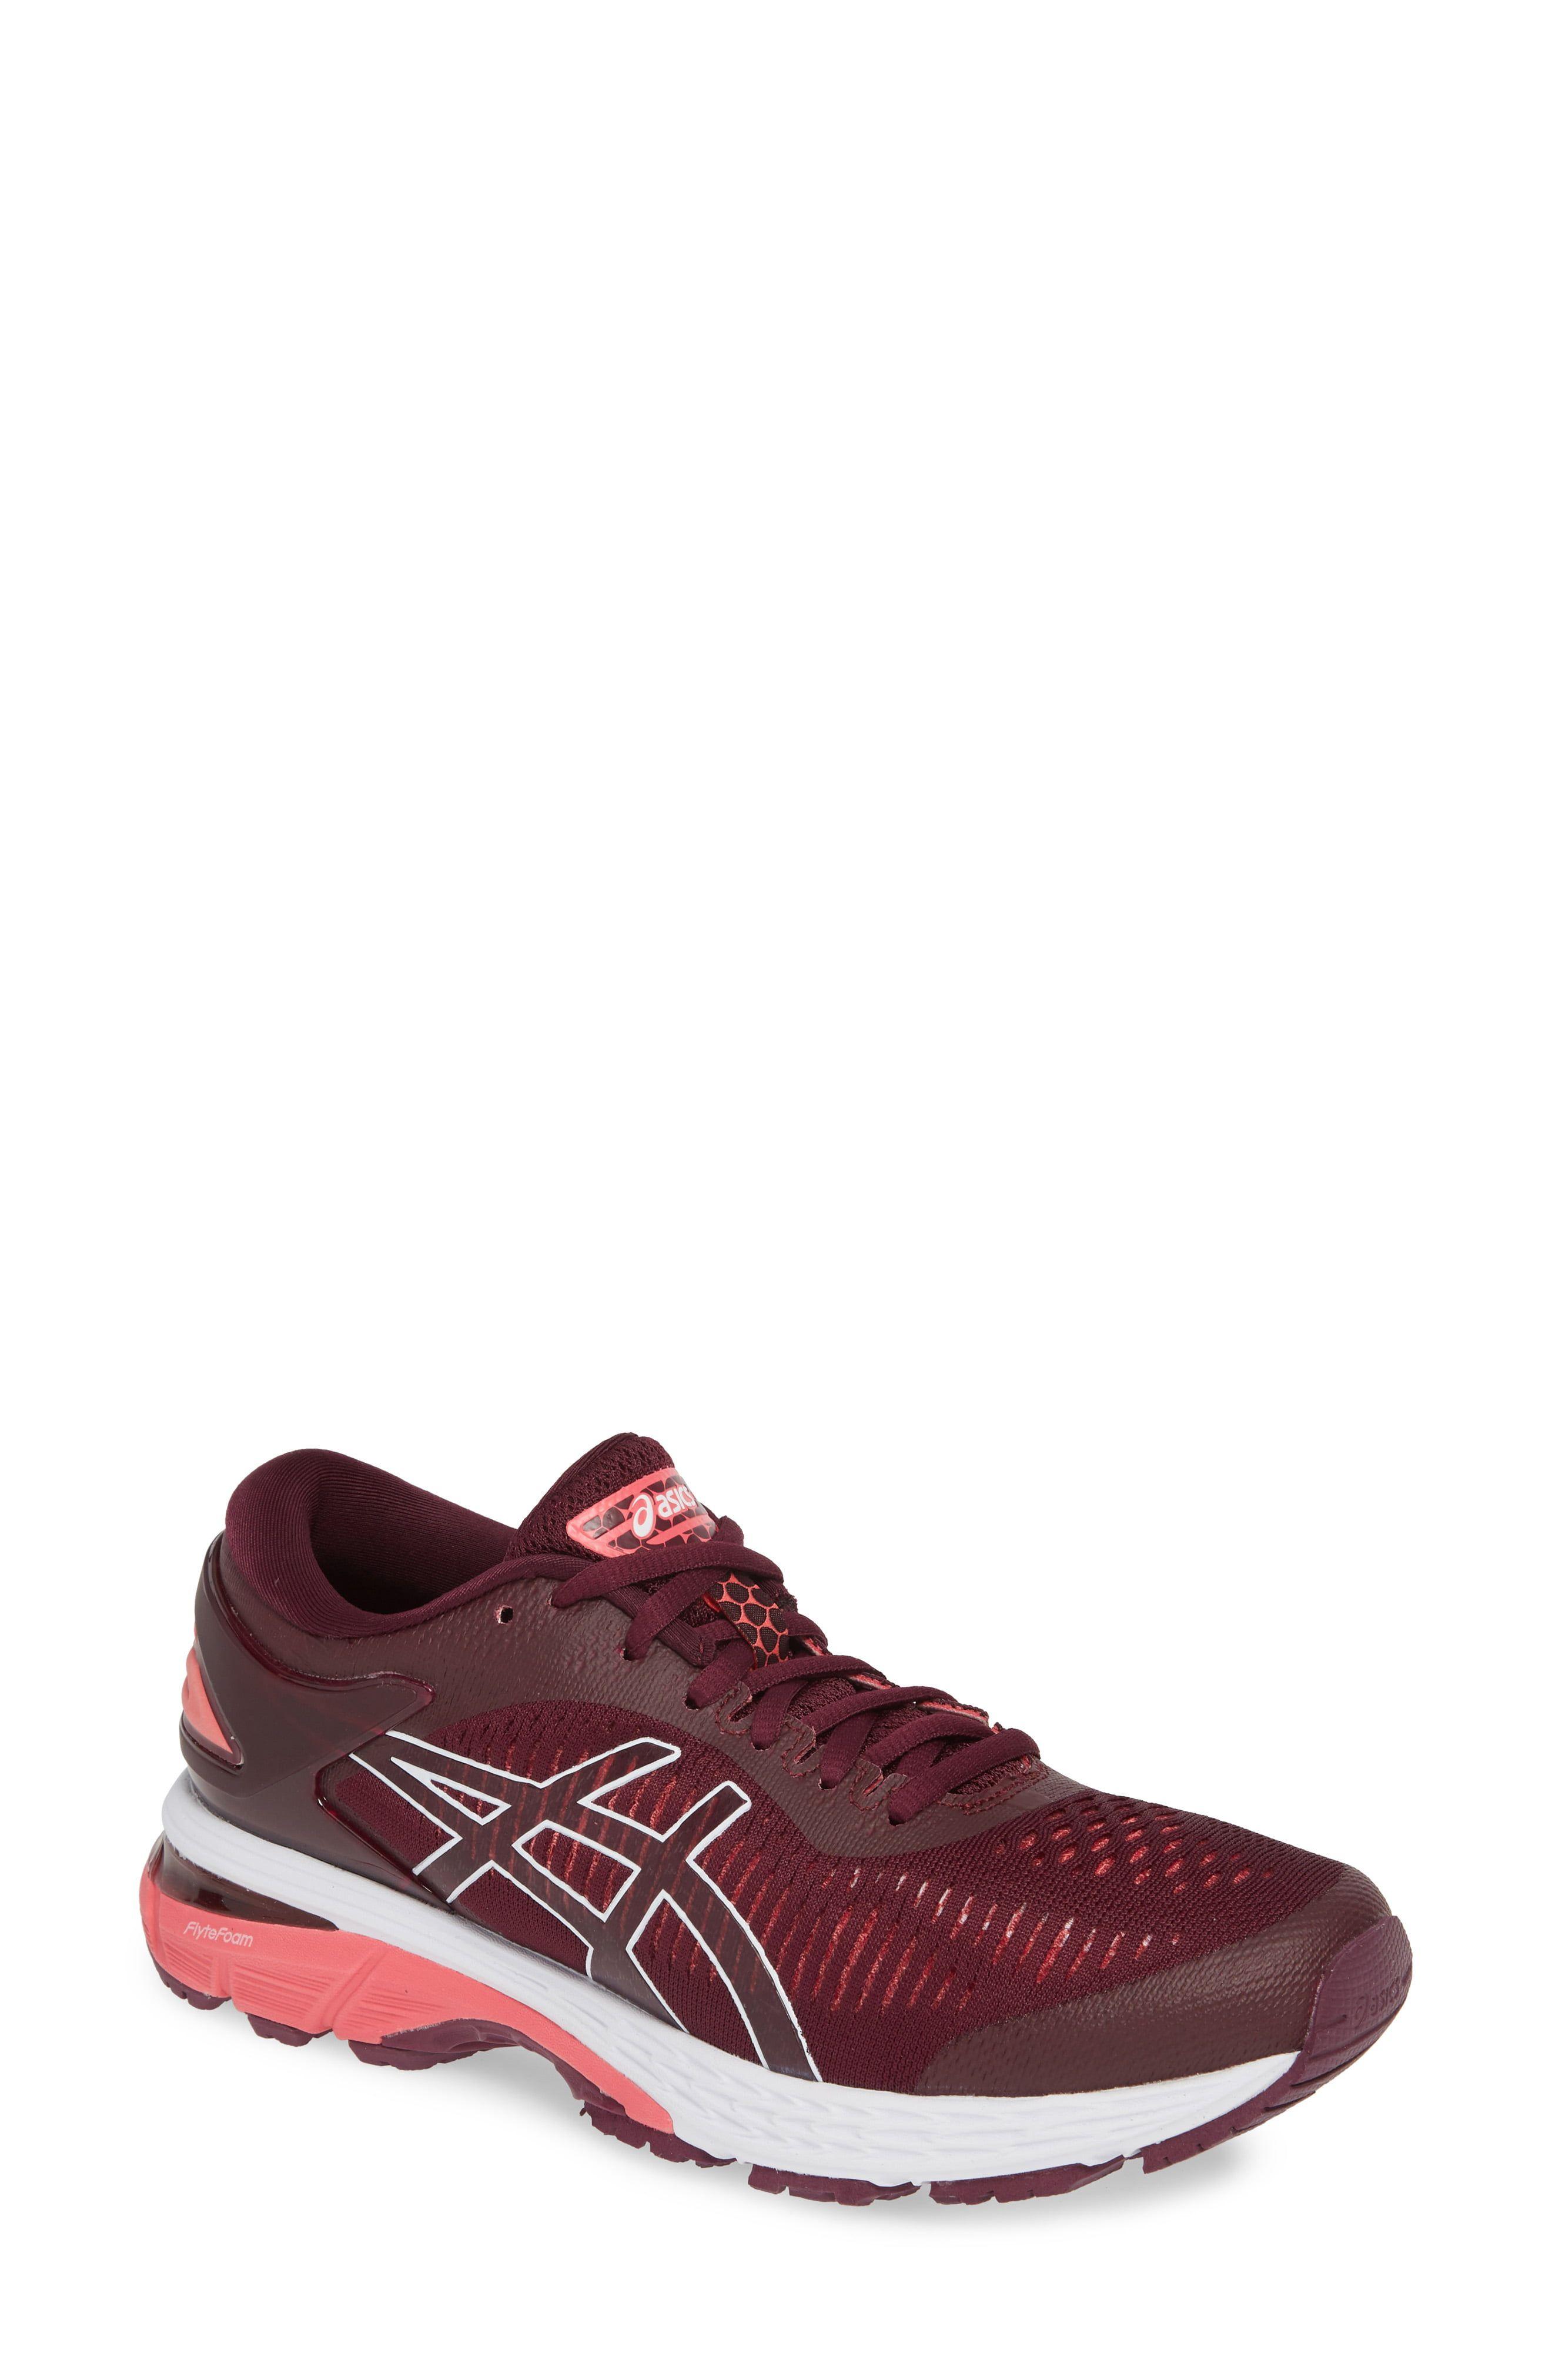 Asics(R) Gel Kayano(R) 25 Running Shoe (Men) in Black Ne